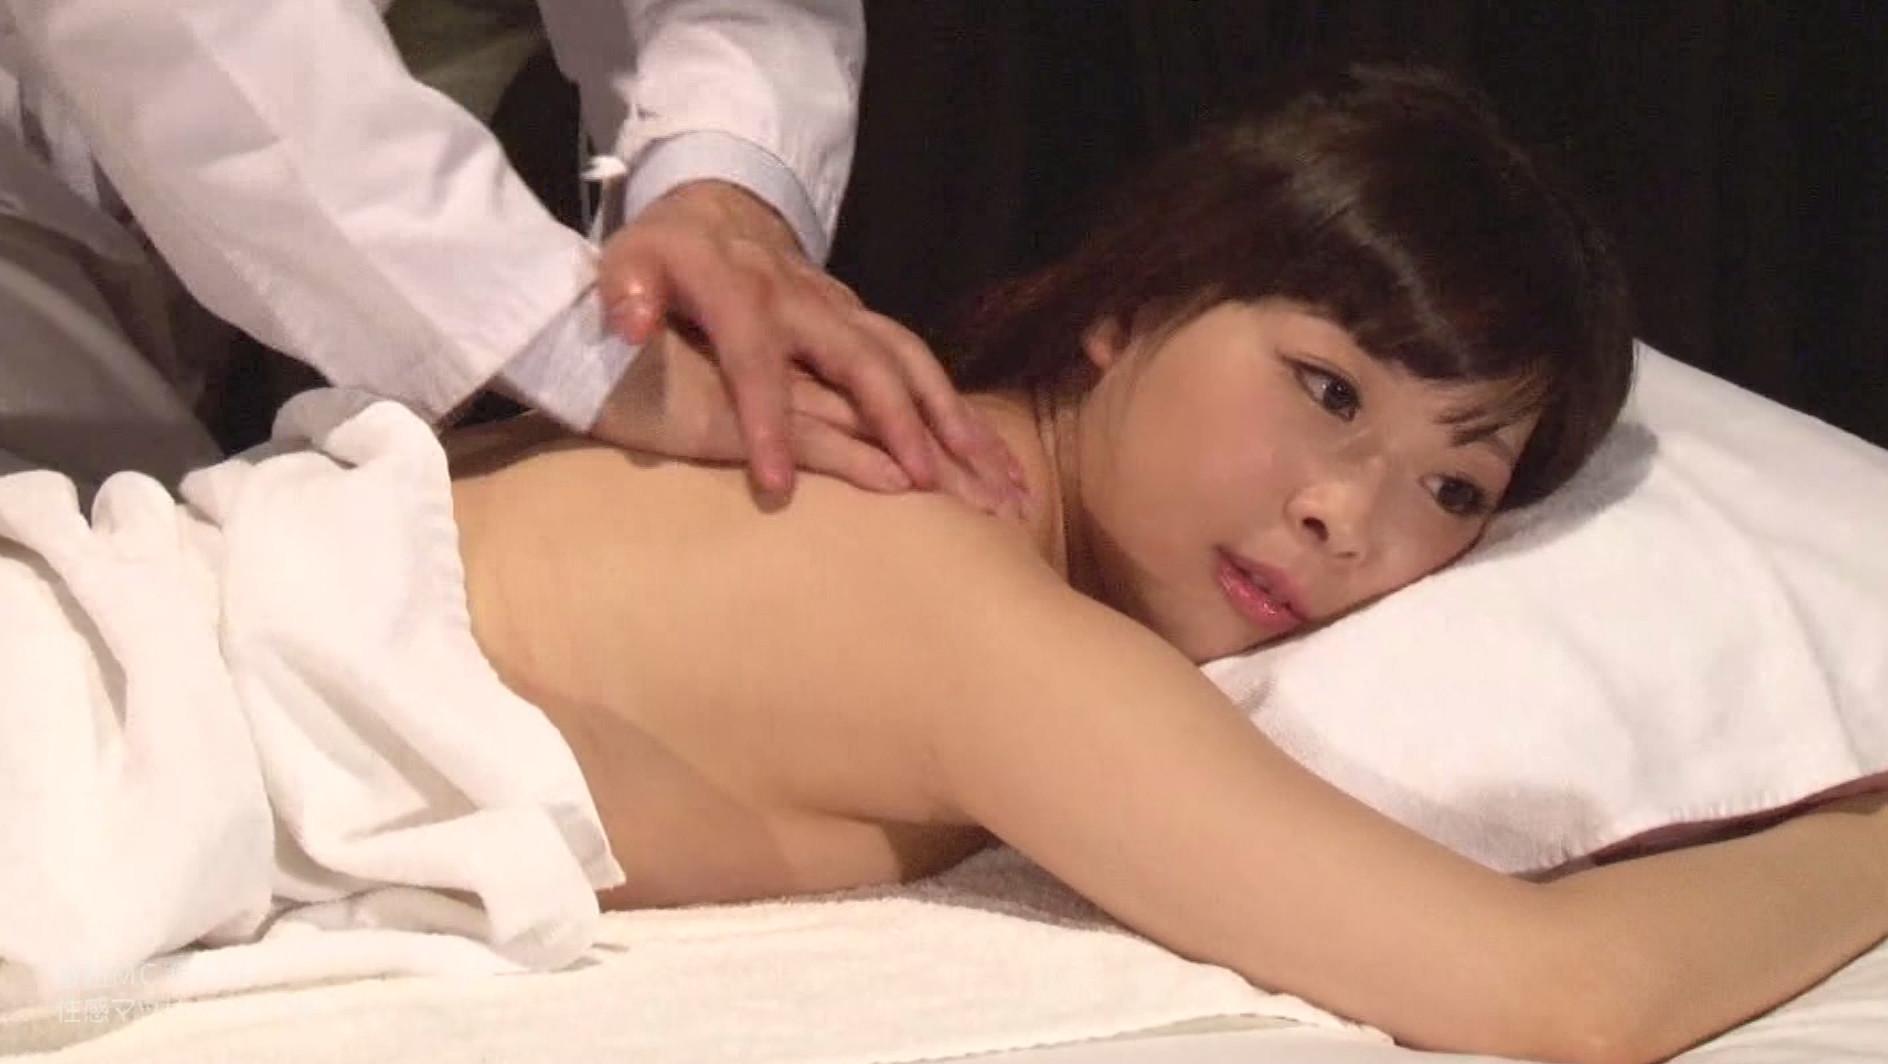 かわいい歯科助手のお姉さんを性感マッサージでとことんイカせてみた 画像3